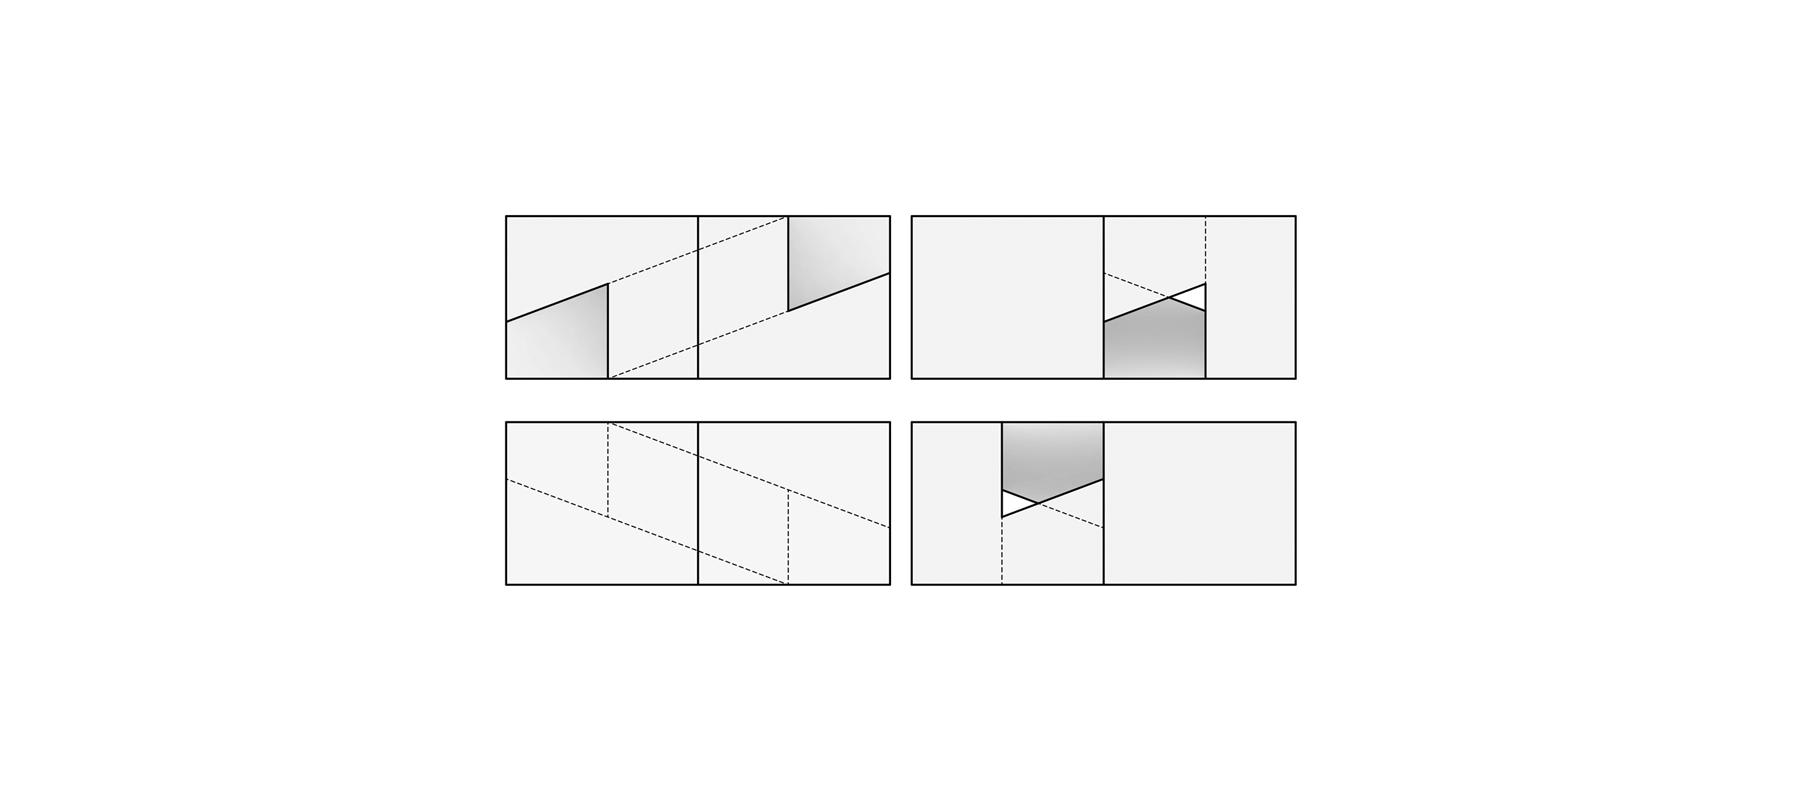 ................ elevation diagrams ................